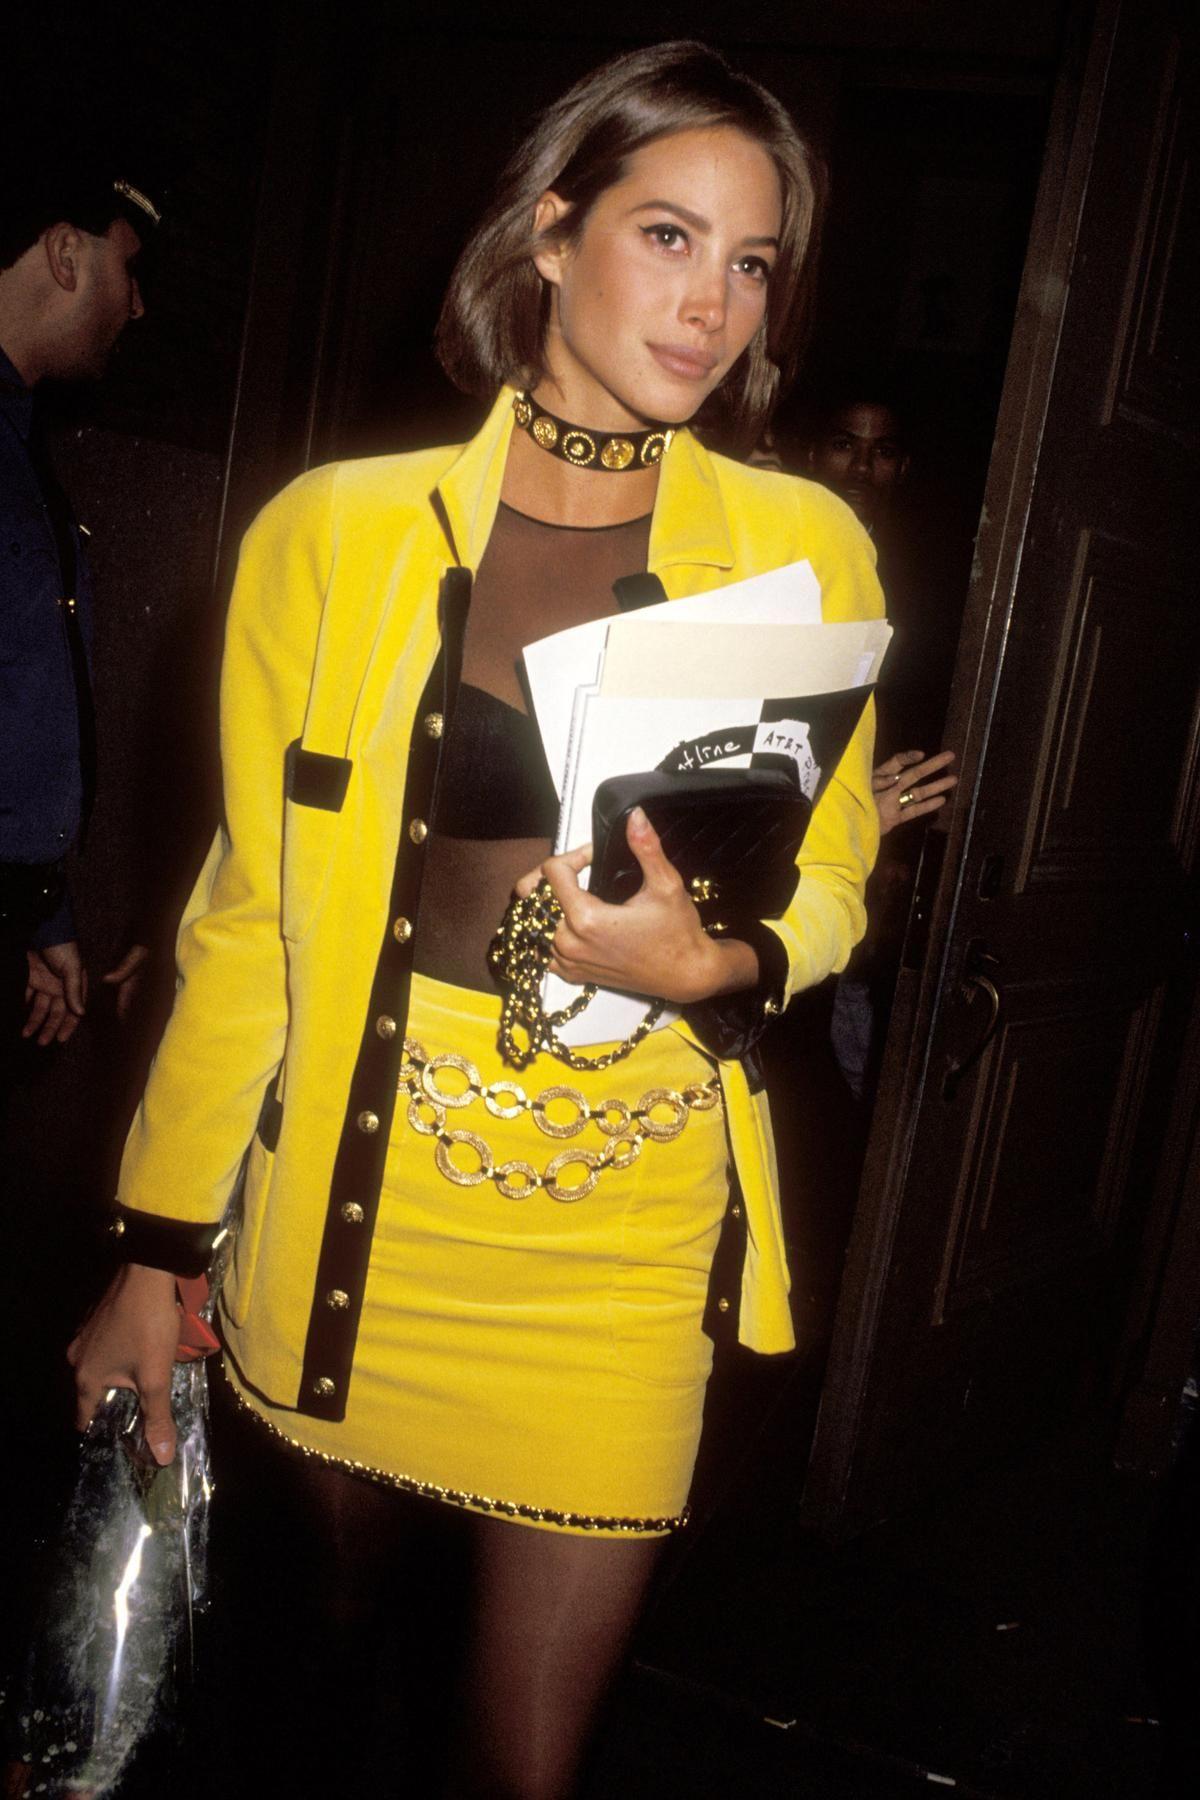 Nadie supera a las supermodelos: El elegante estilo de Christy Turlington en los '90